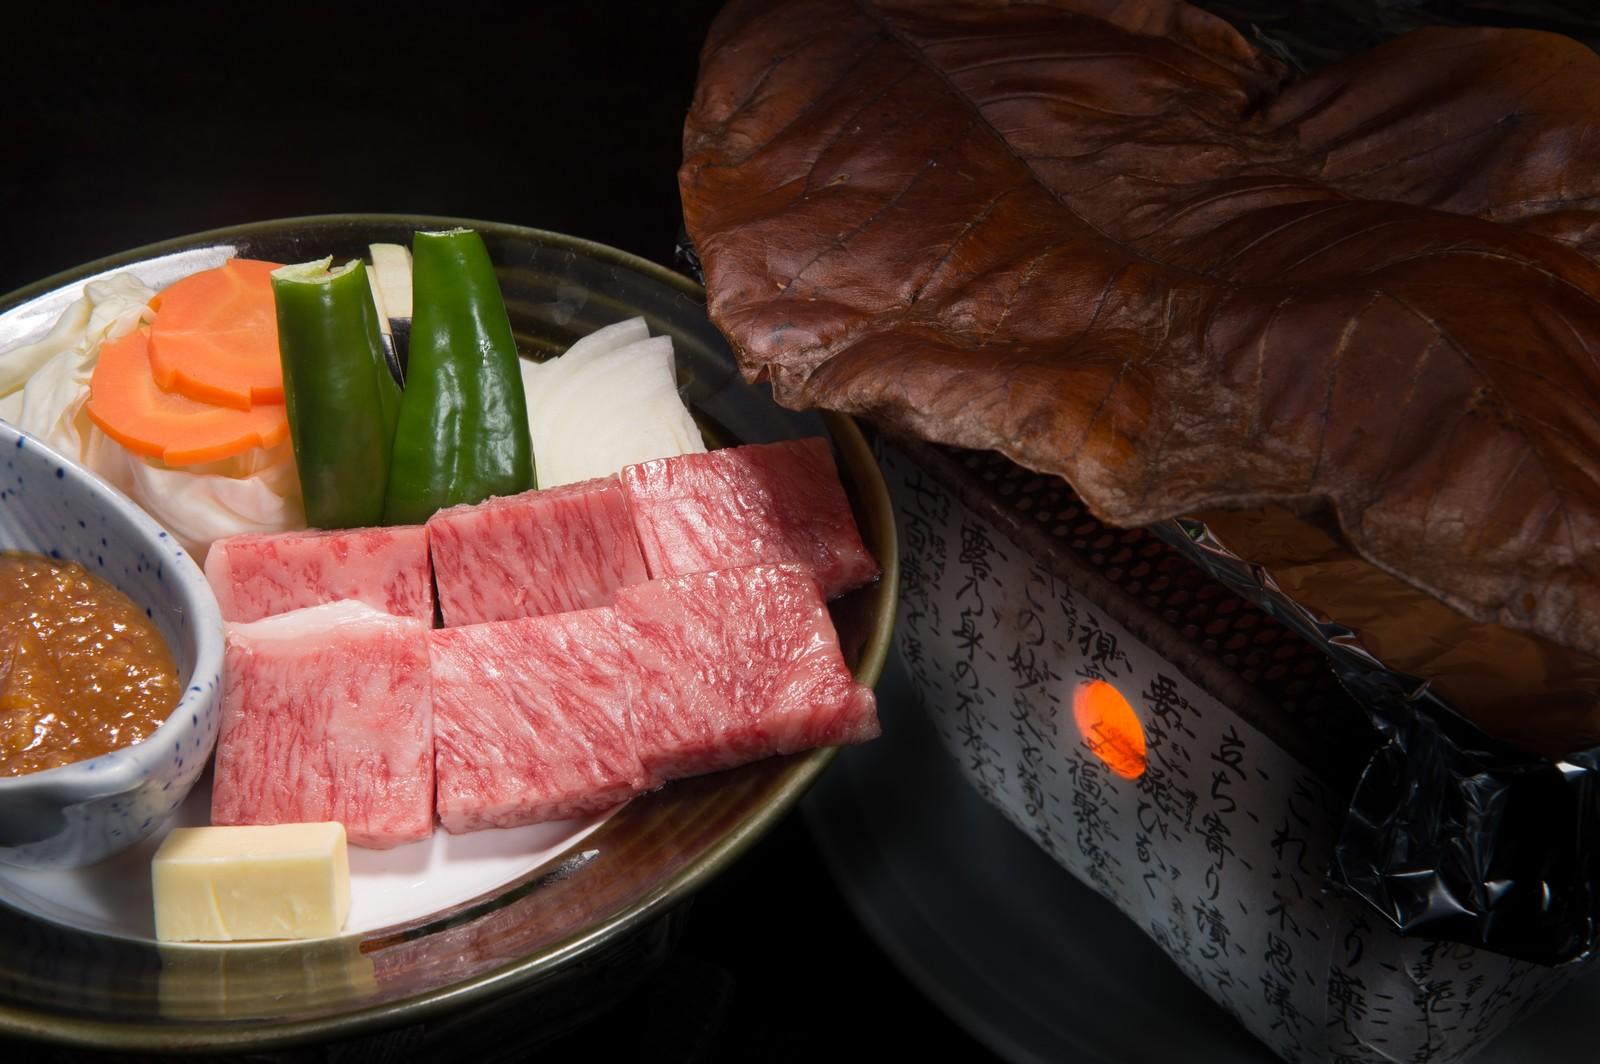 表参道でがっつり肉ランチ!美味しい肉料理が味わえる店紹介!